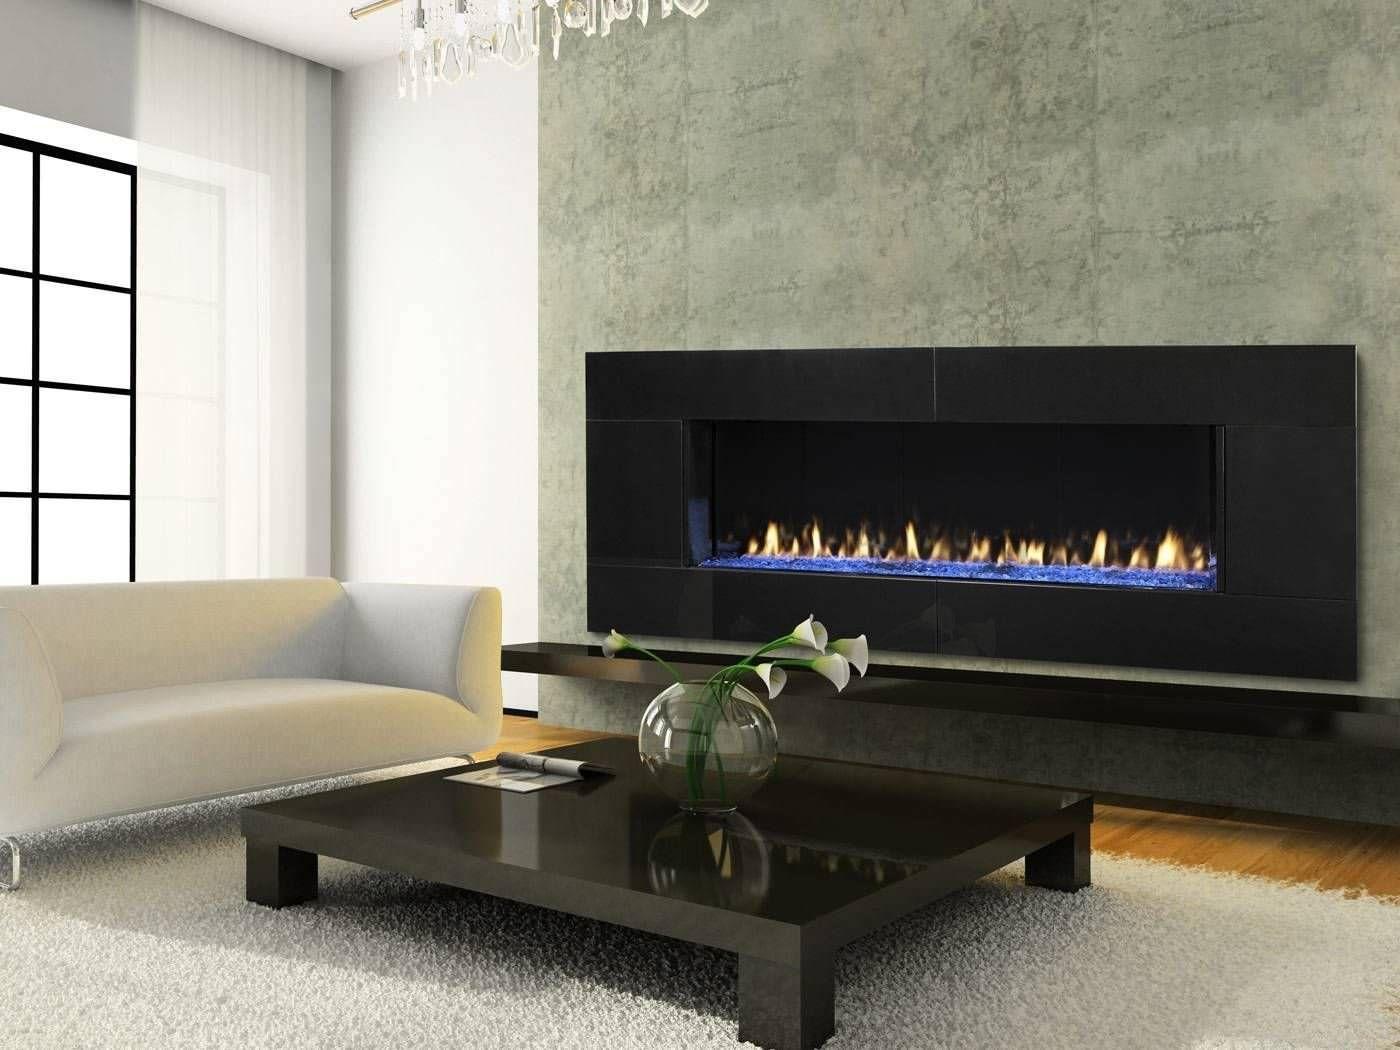 resultado de imagen para hogares a gas decoracion chimeneas modernas